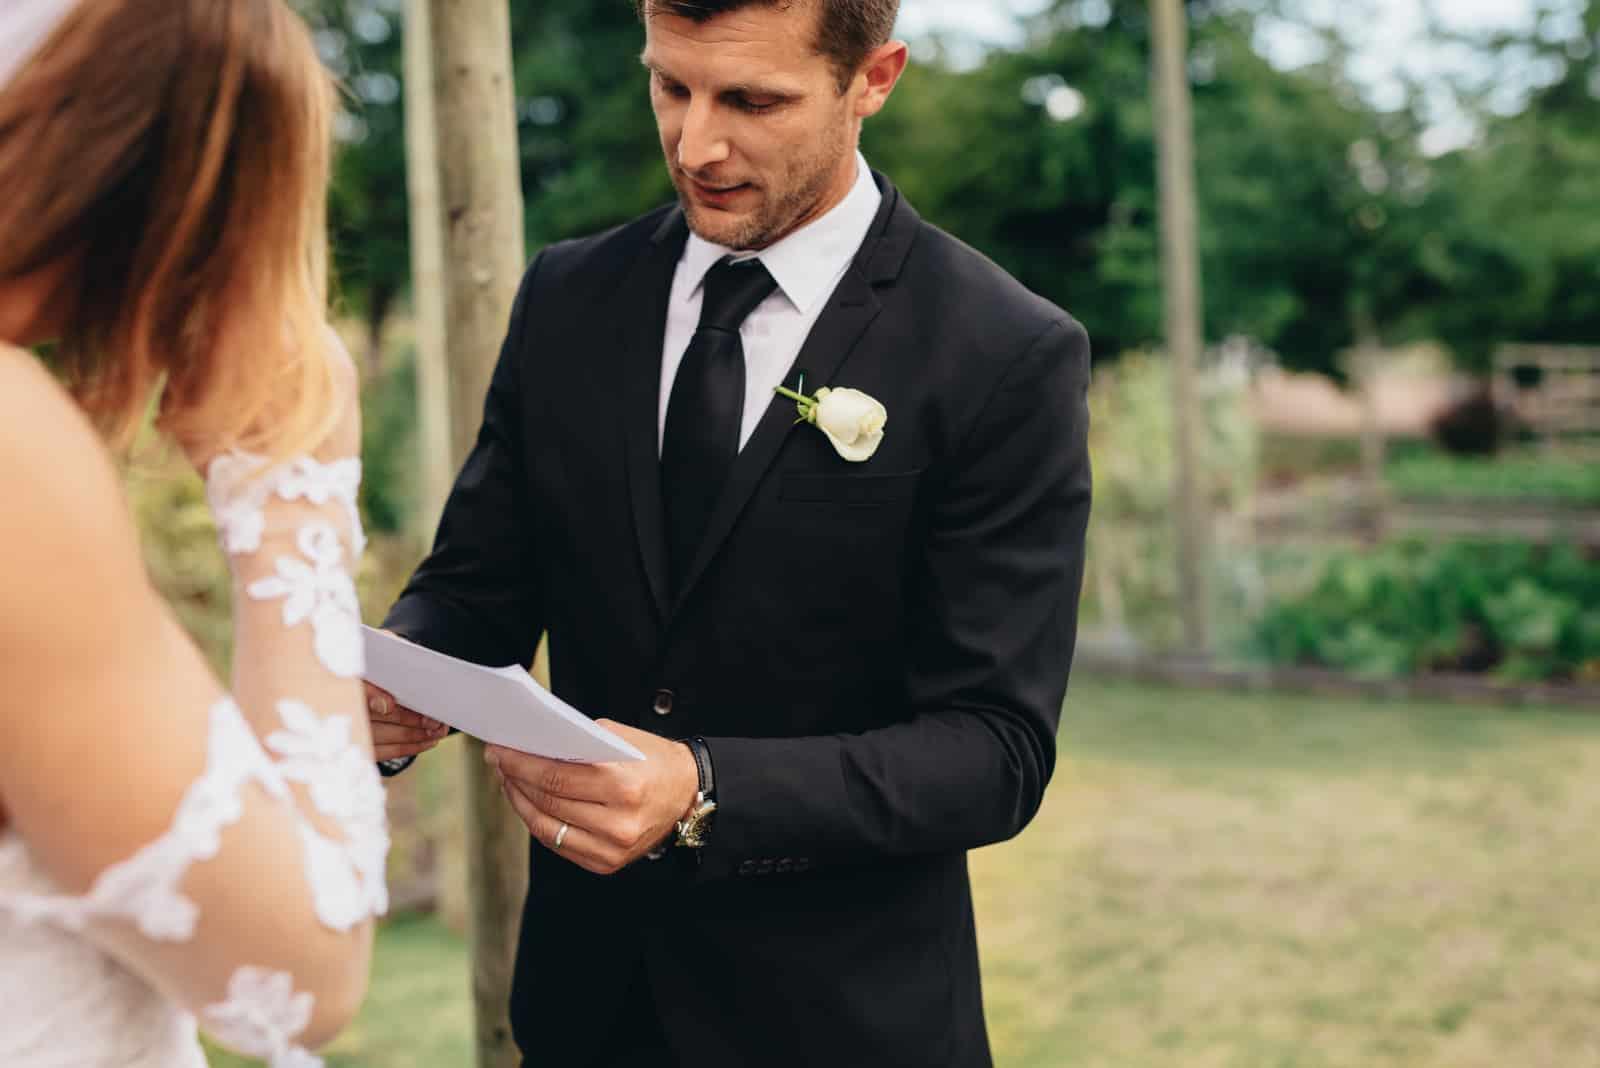 un homme lit des vœux à une femme